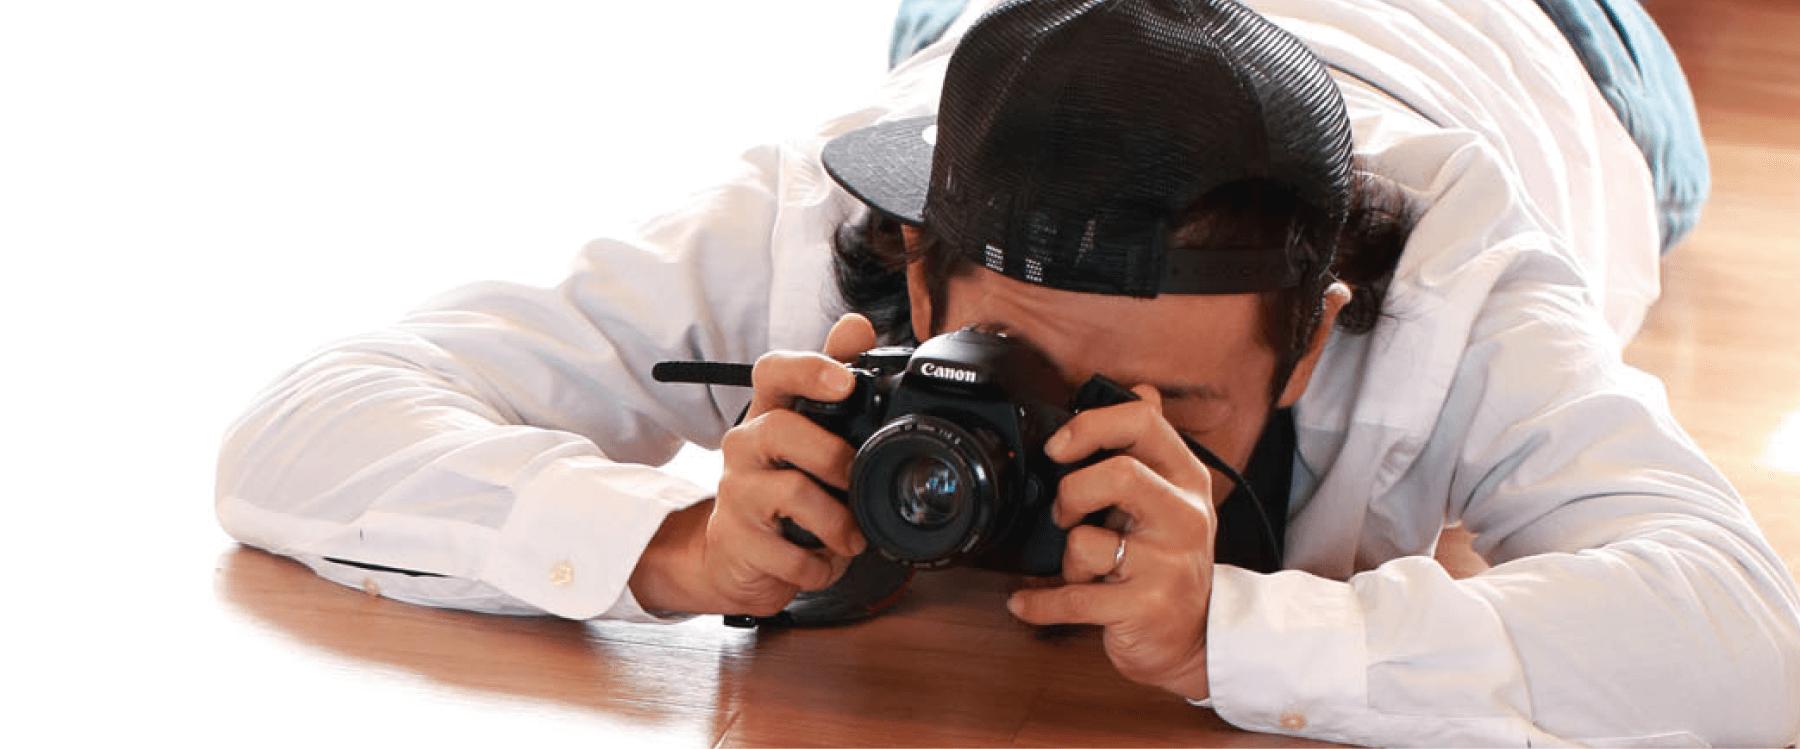 カメラ・レンズの買取専門店 カメラ総合買取ネットイメージ2